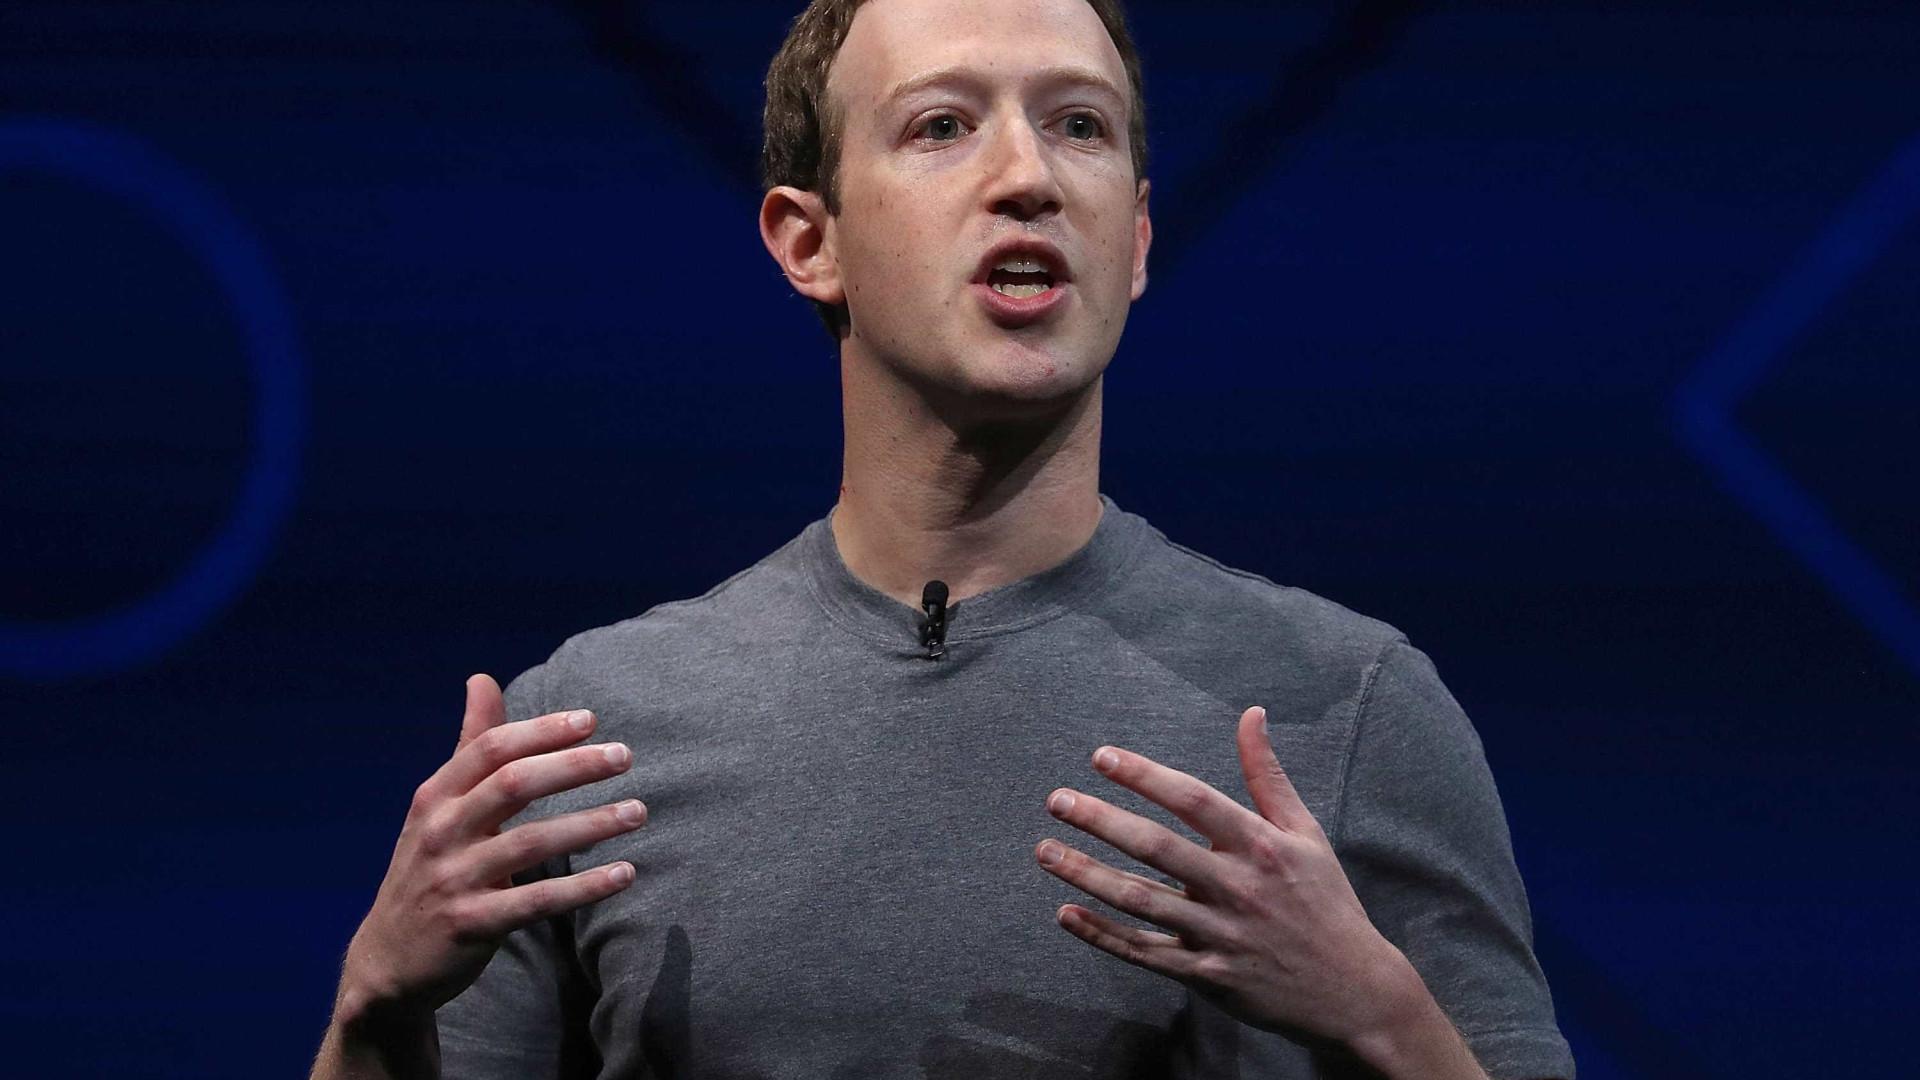 Facebook dá prioridade a fontes fiáveis no que diz respeito a notícias